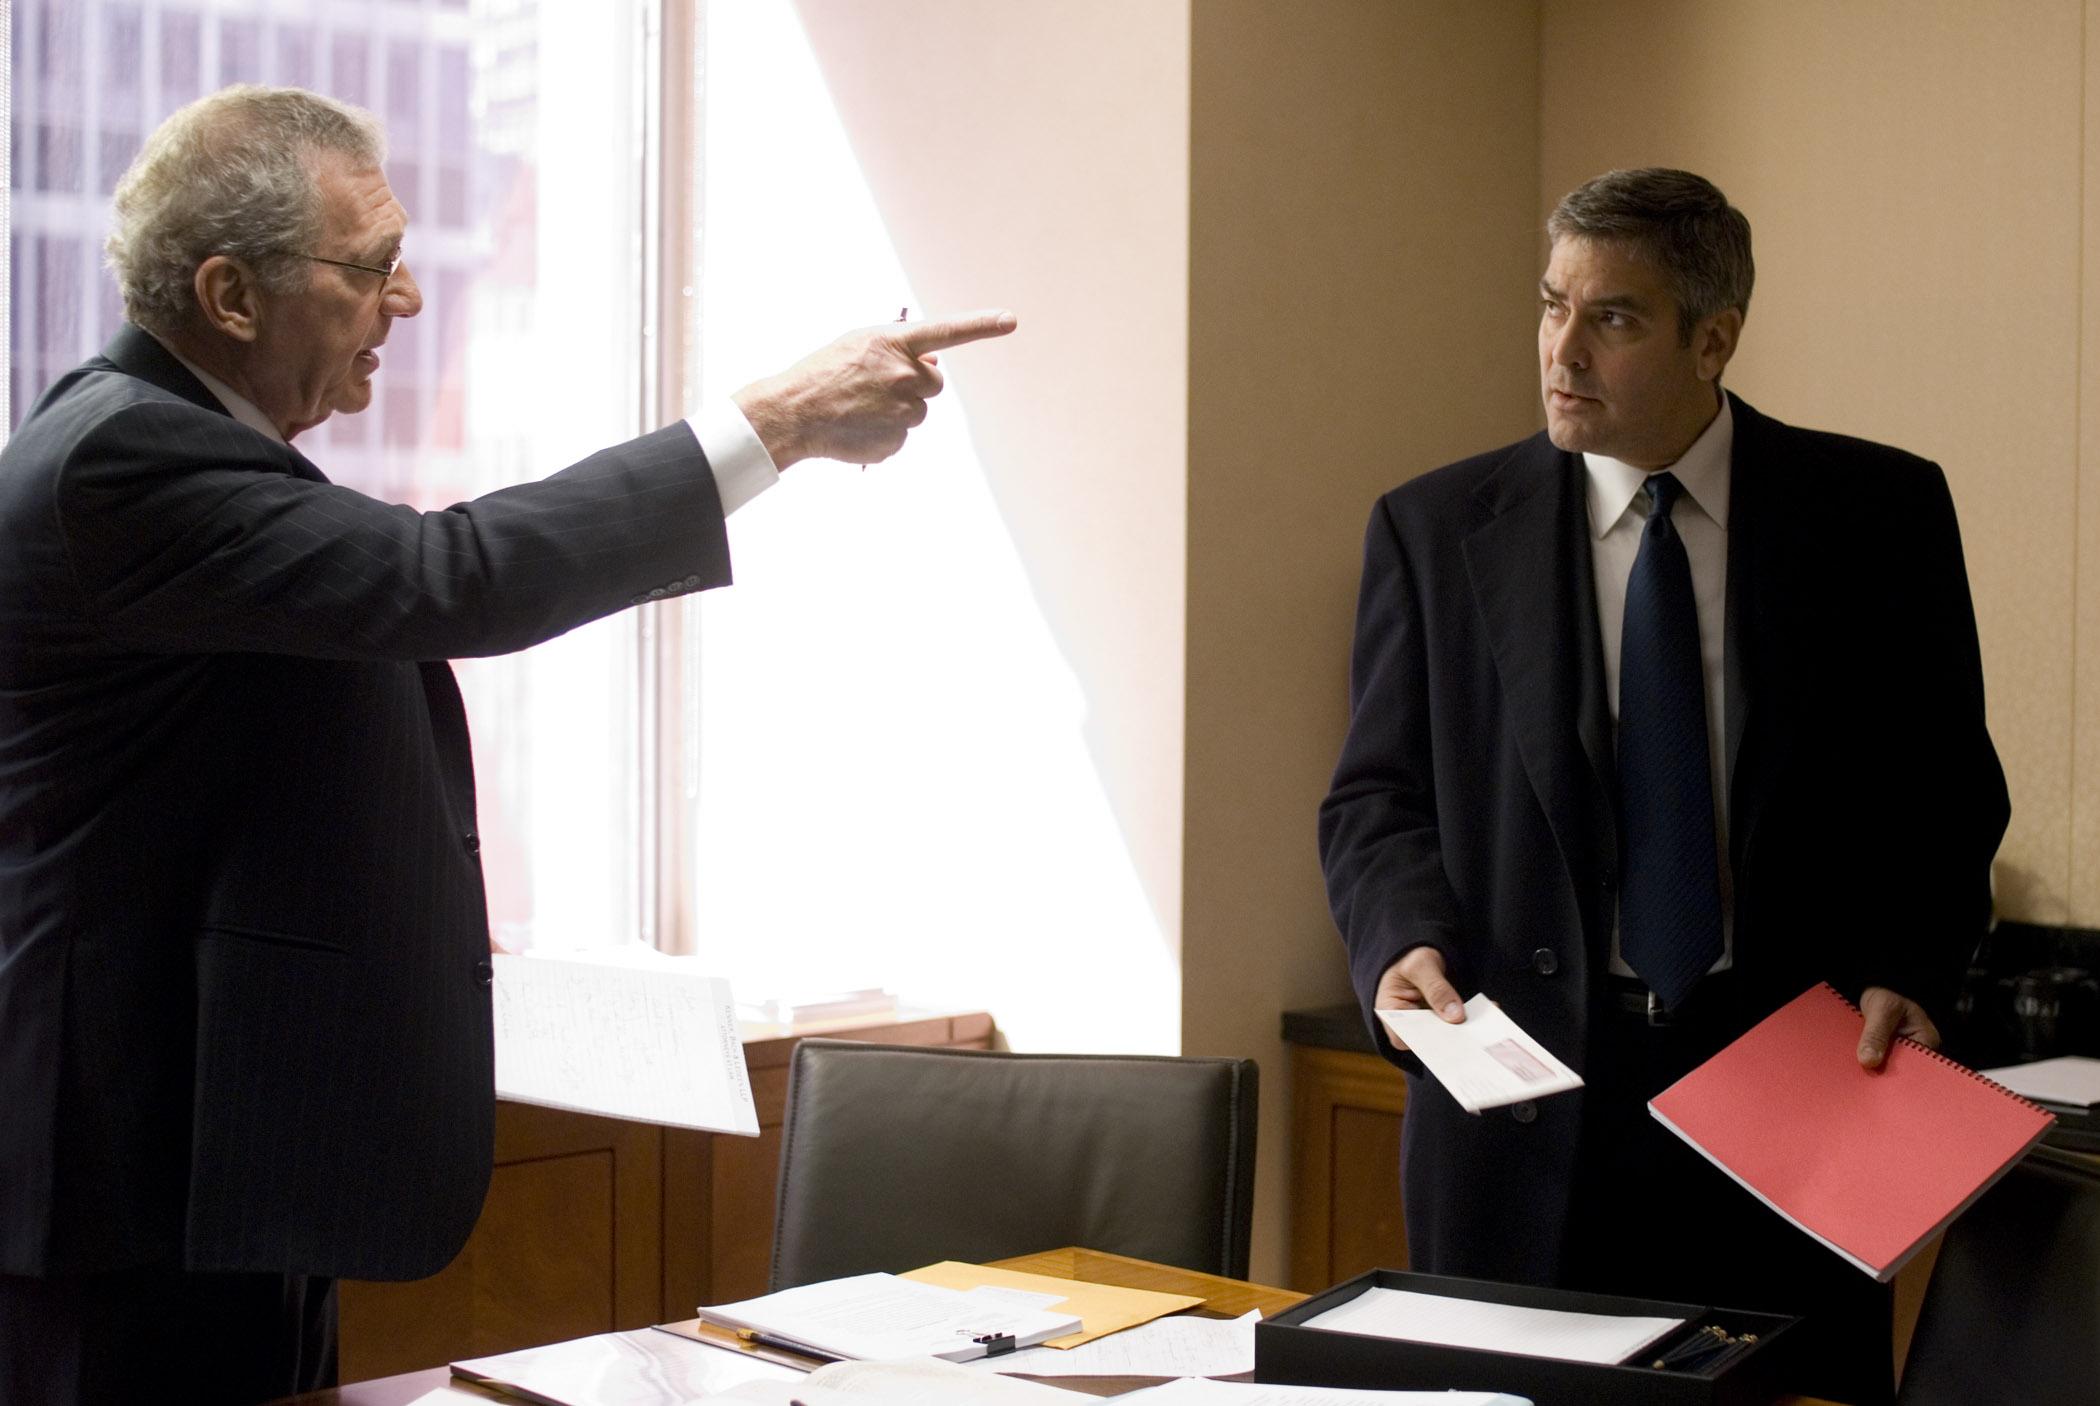 кадры из фильма Майкл Клейтон Сидни Поллак, Джордж Клуни,